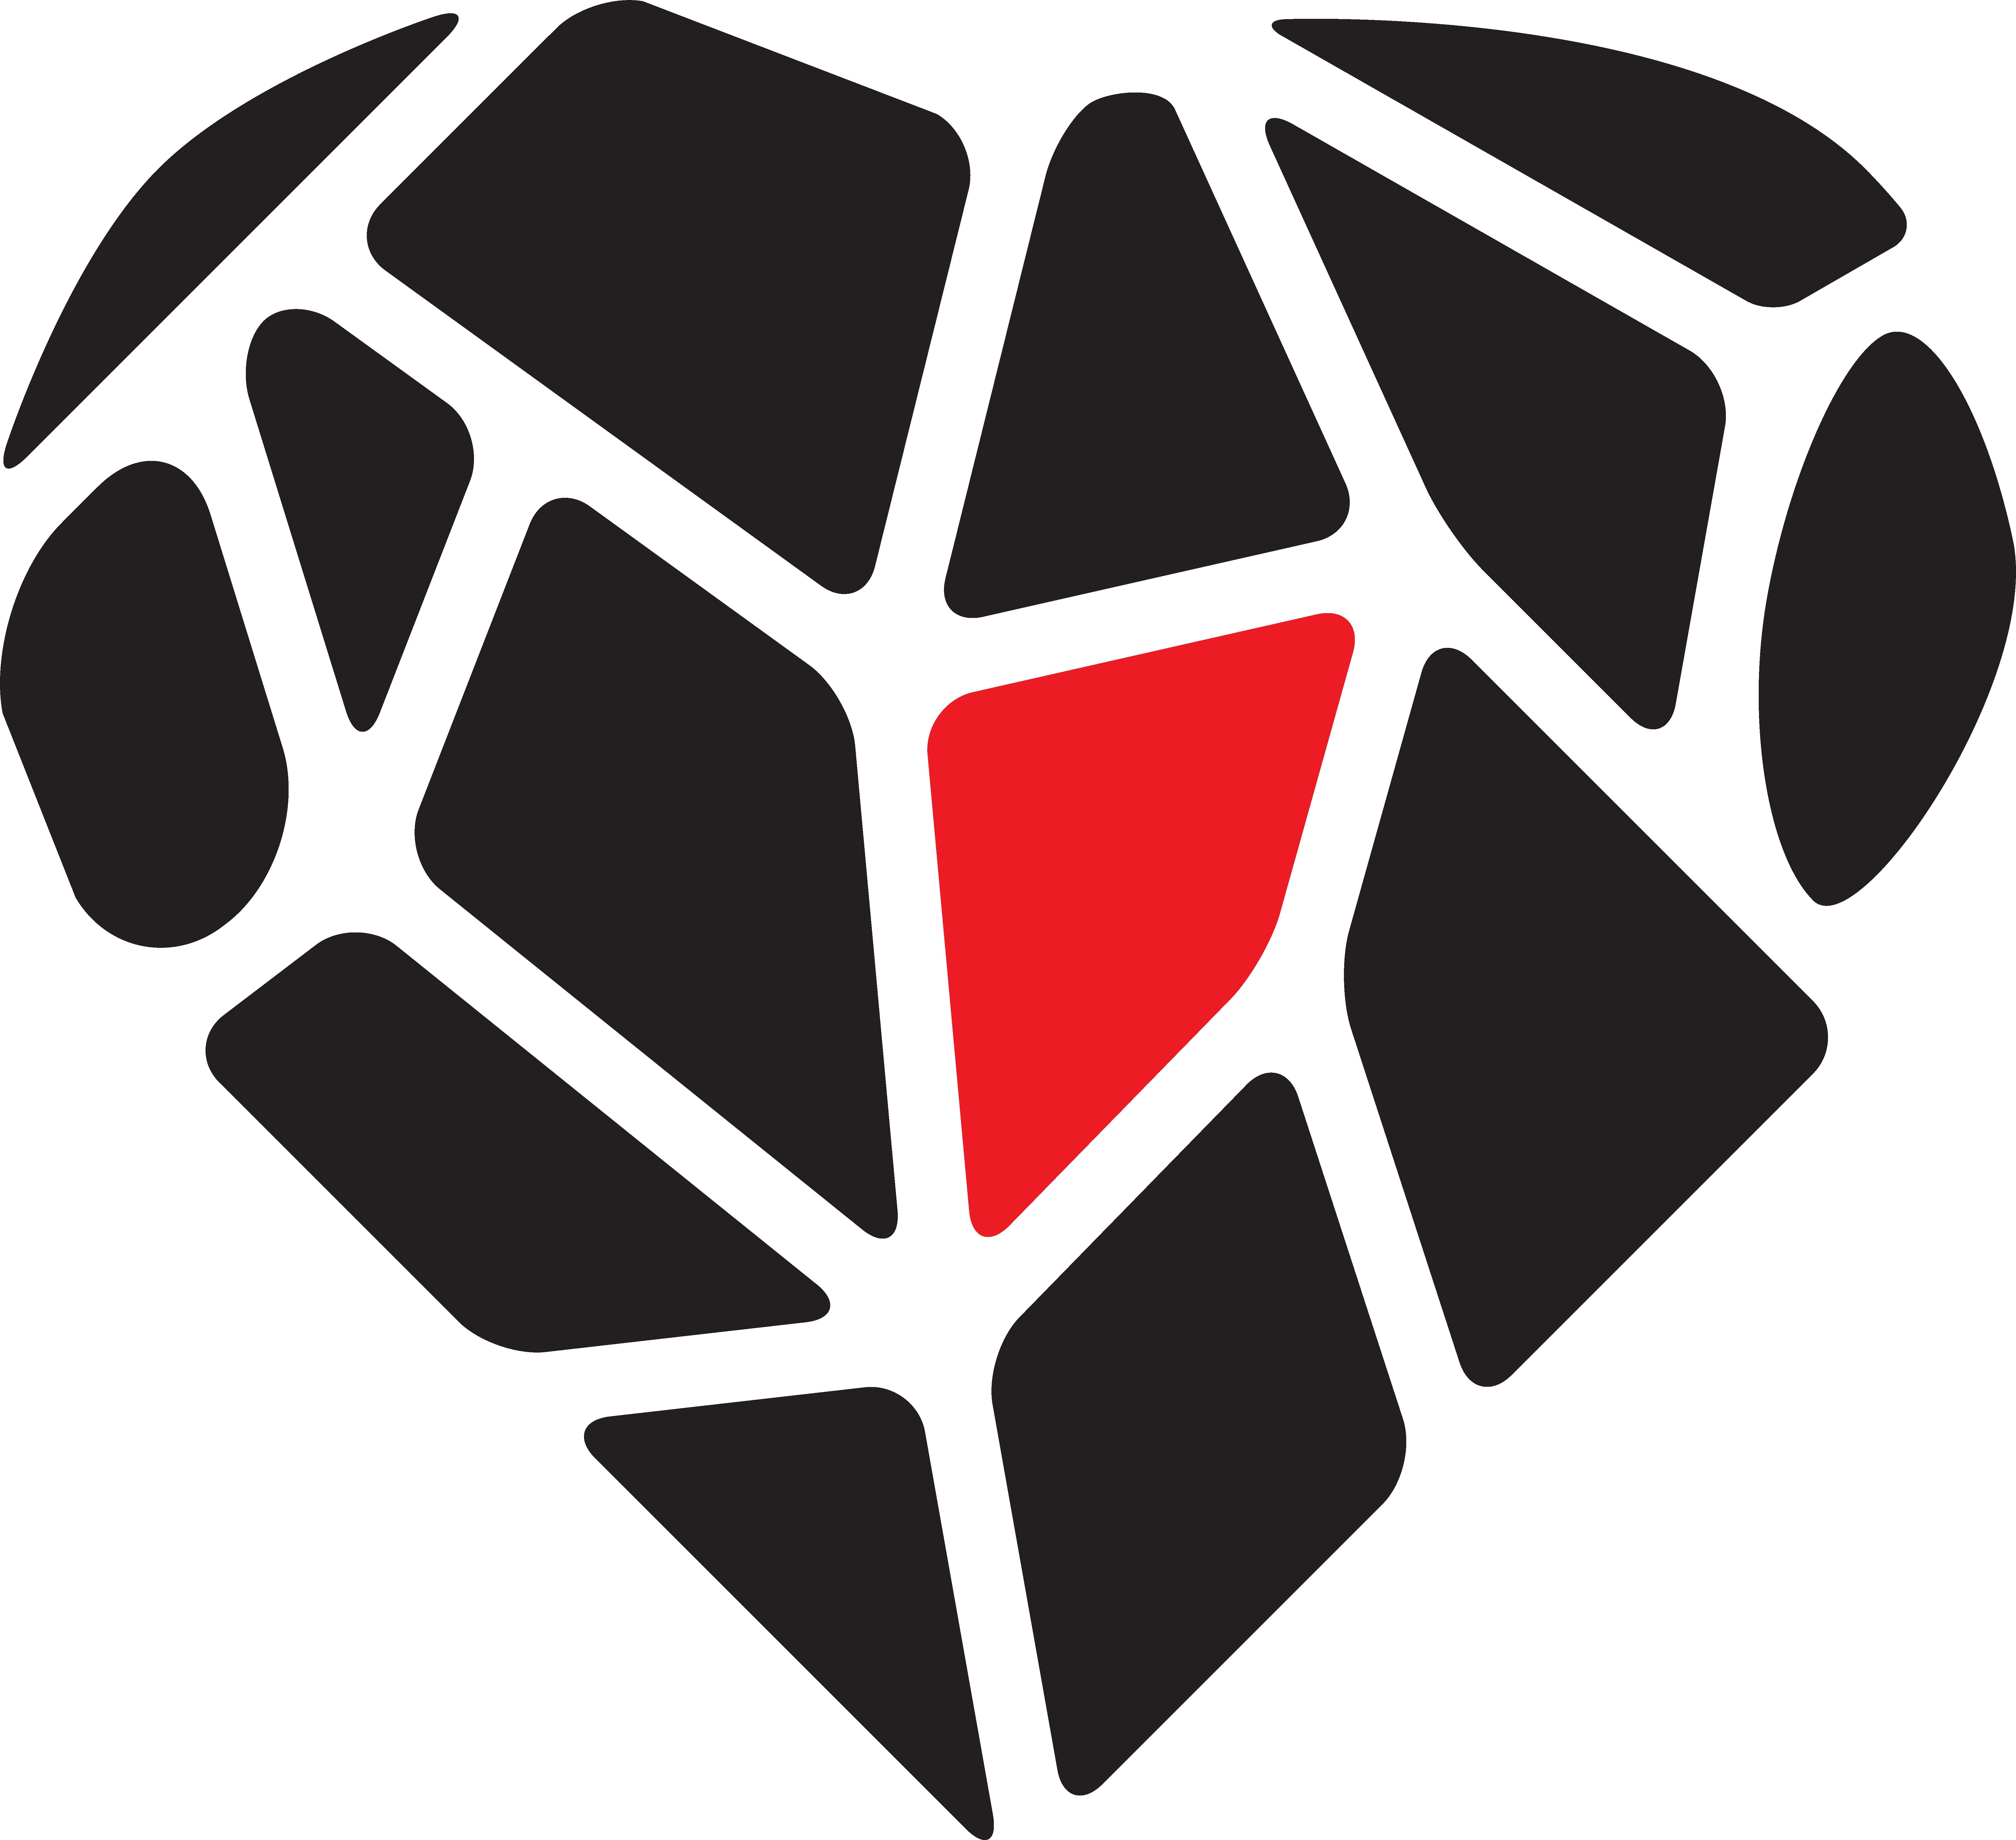 Goh logo 2.0 no text.original